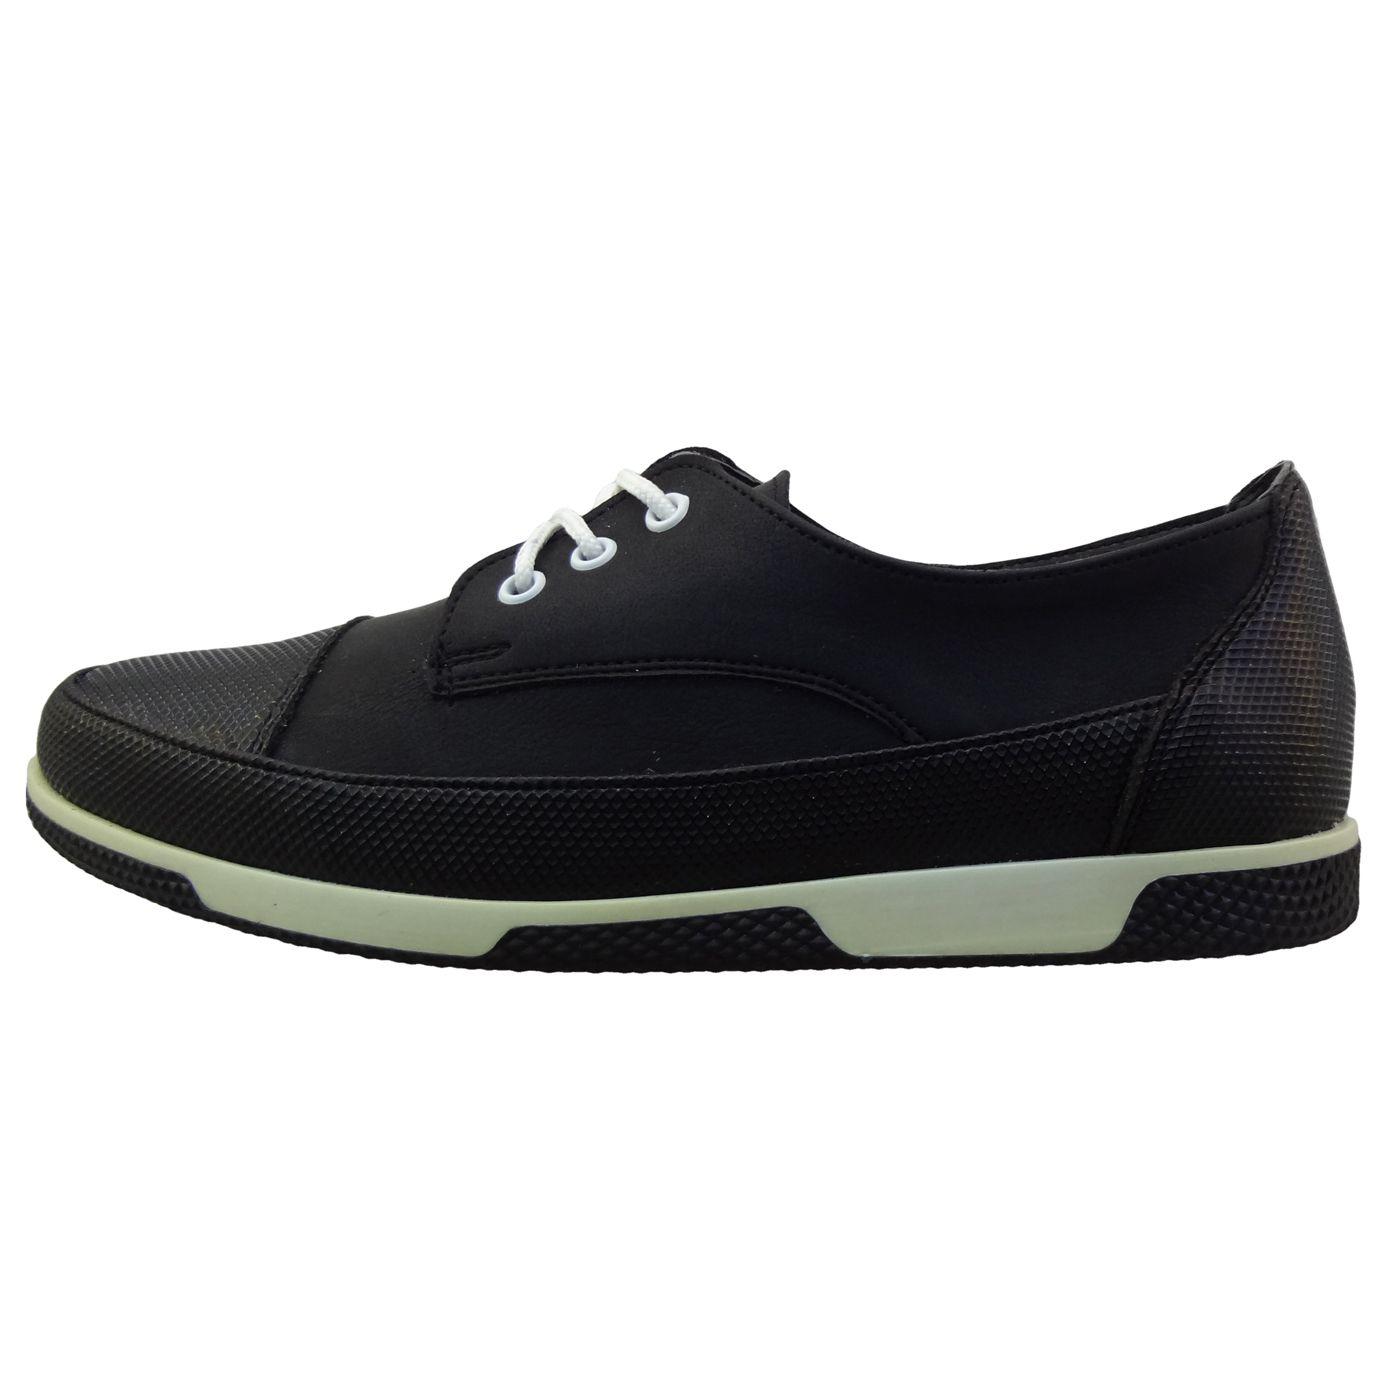 کفش روزمره زنانه ربل مدل RB-663 -  - 2